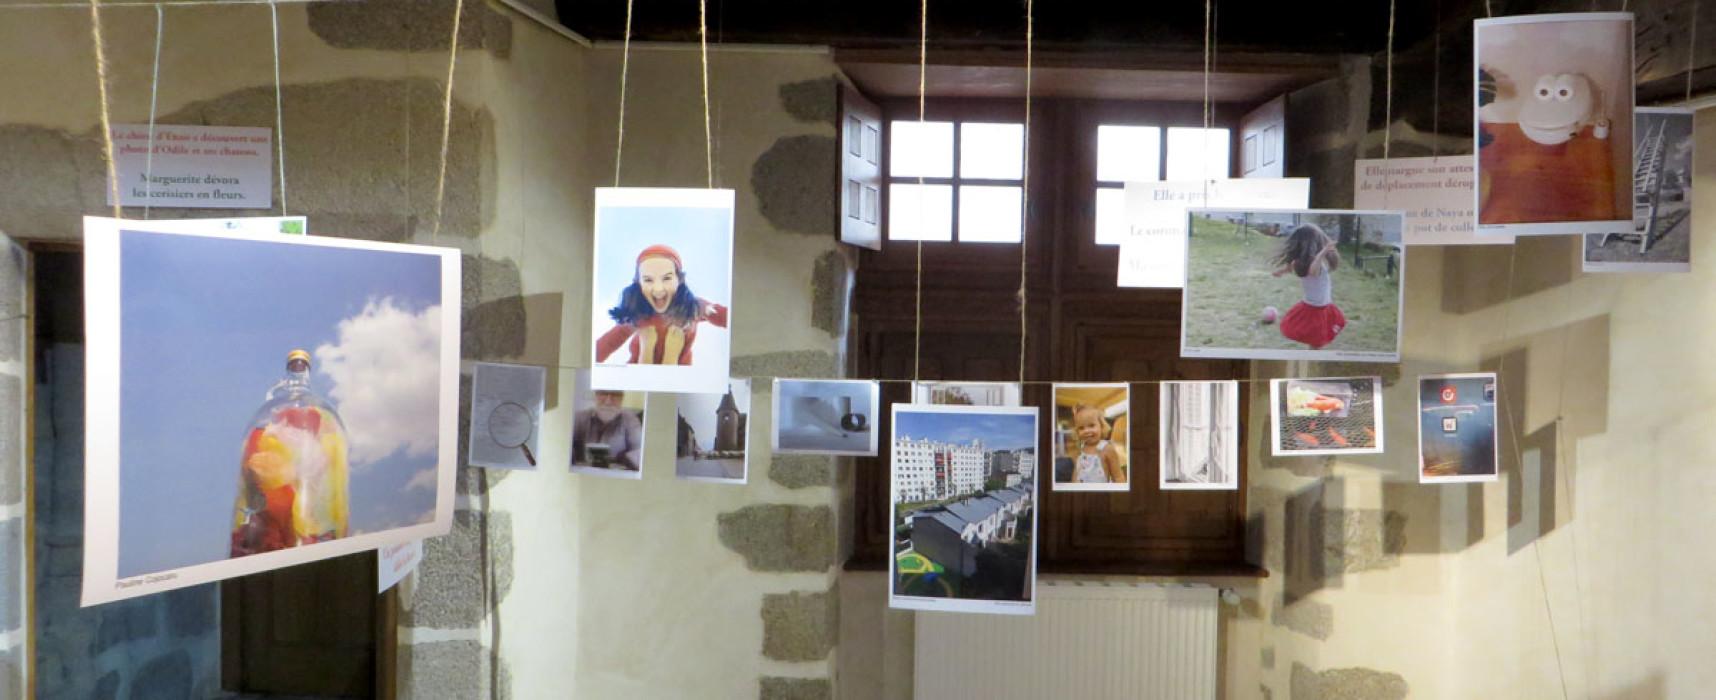 [Expo] «Temps de pose» à la médiathèque #Felletin – juillet 2020